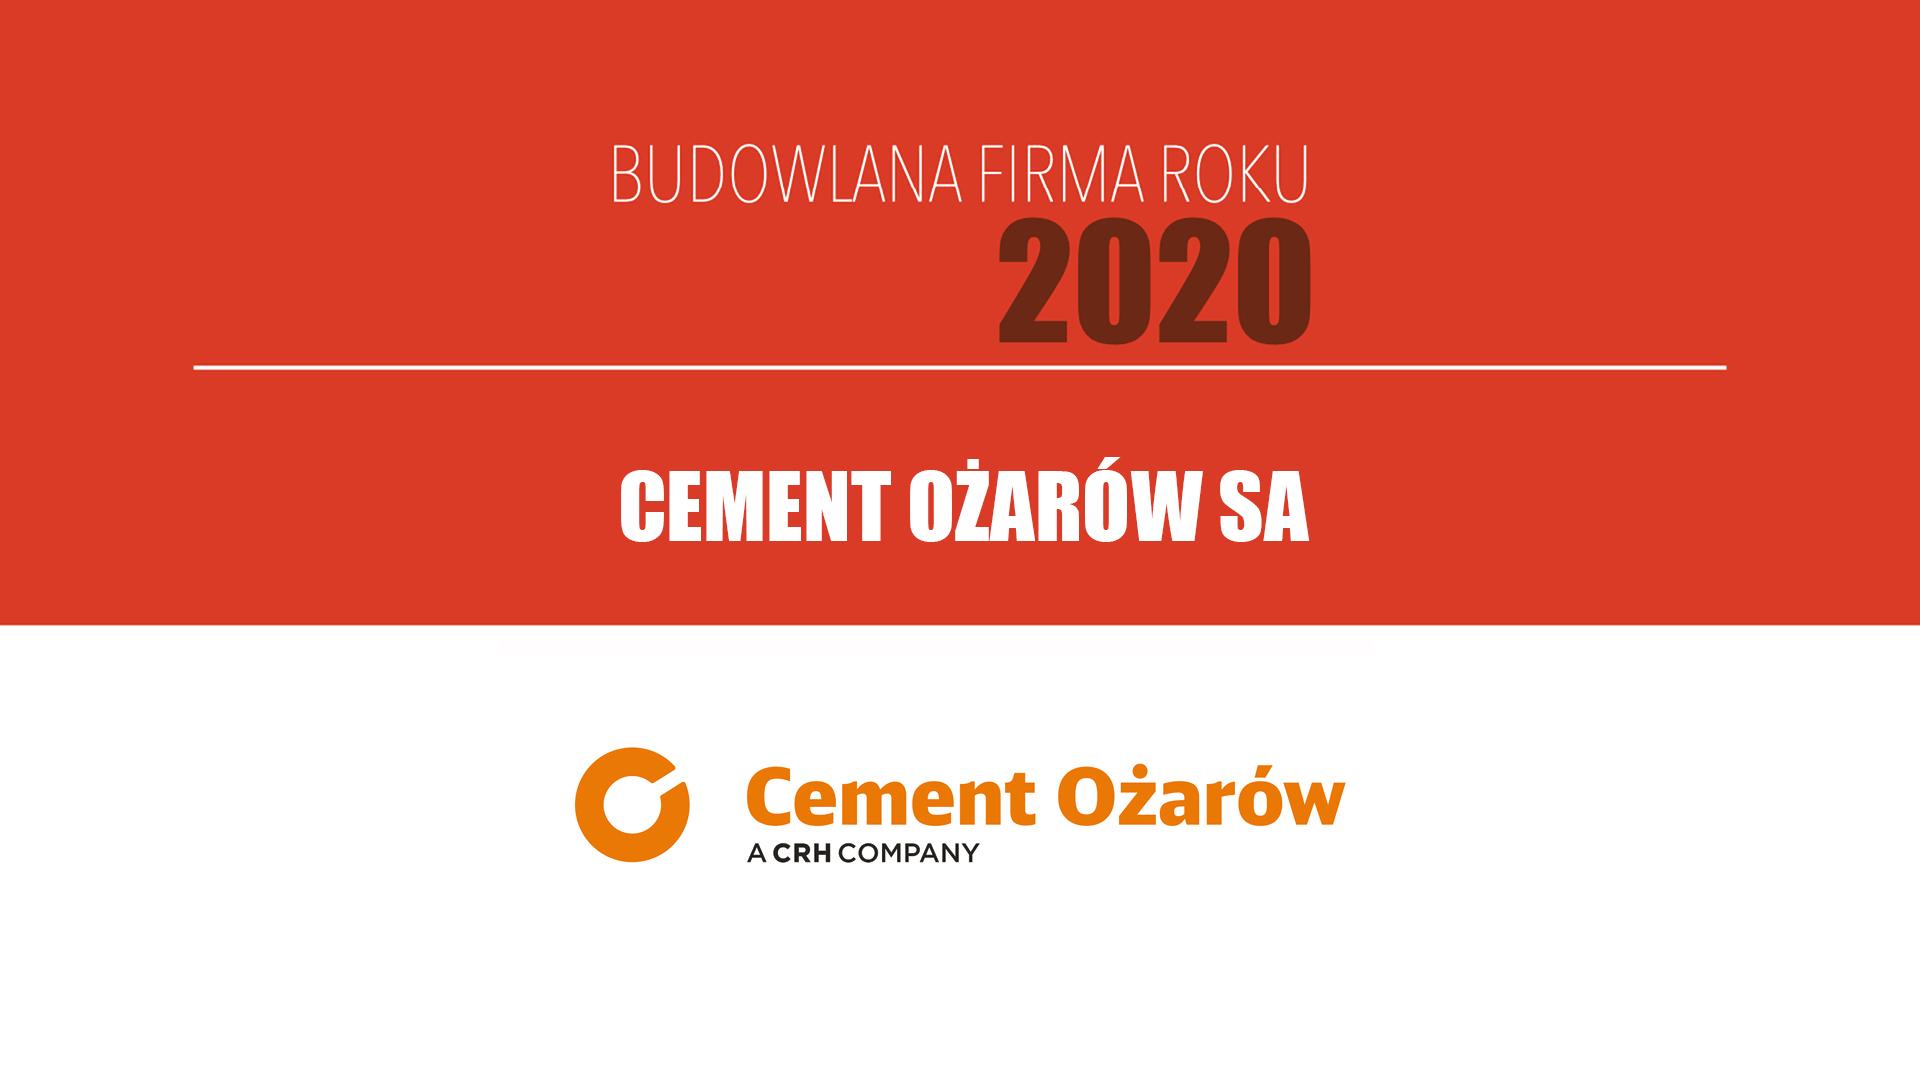 CEMENT OŻARÓW SA – Budowlana Firma Roku 2020